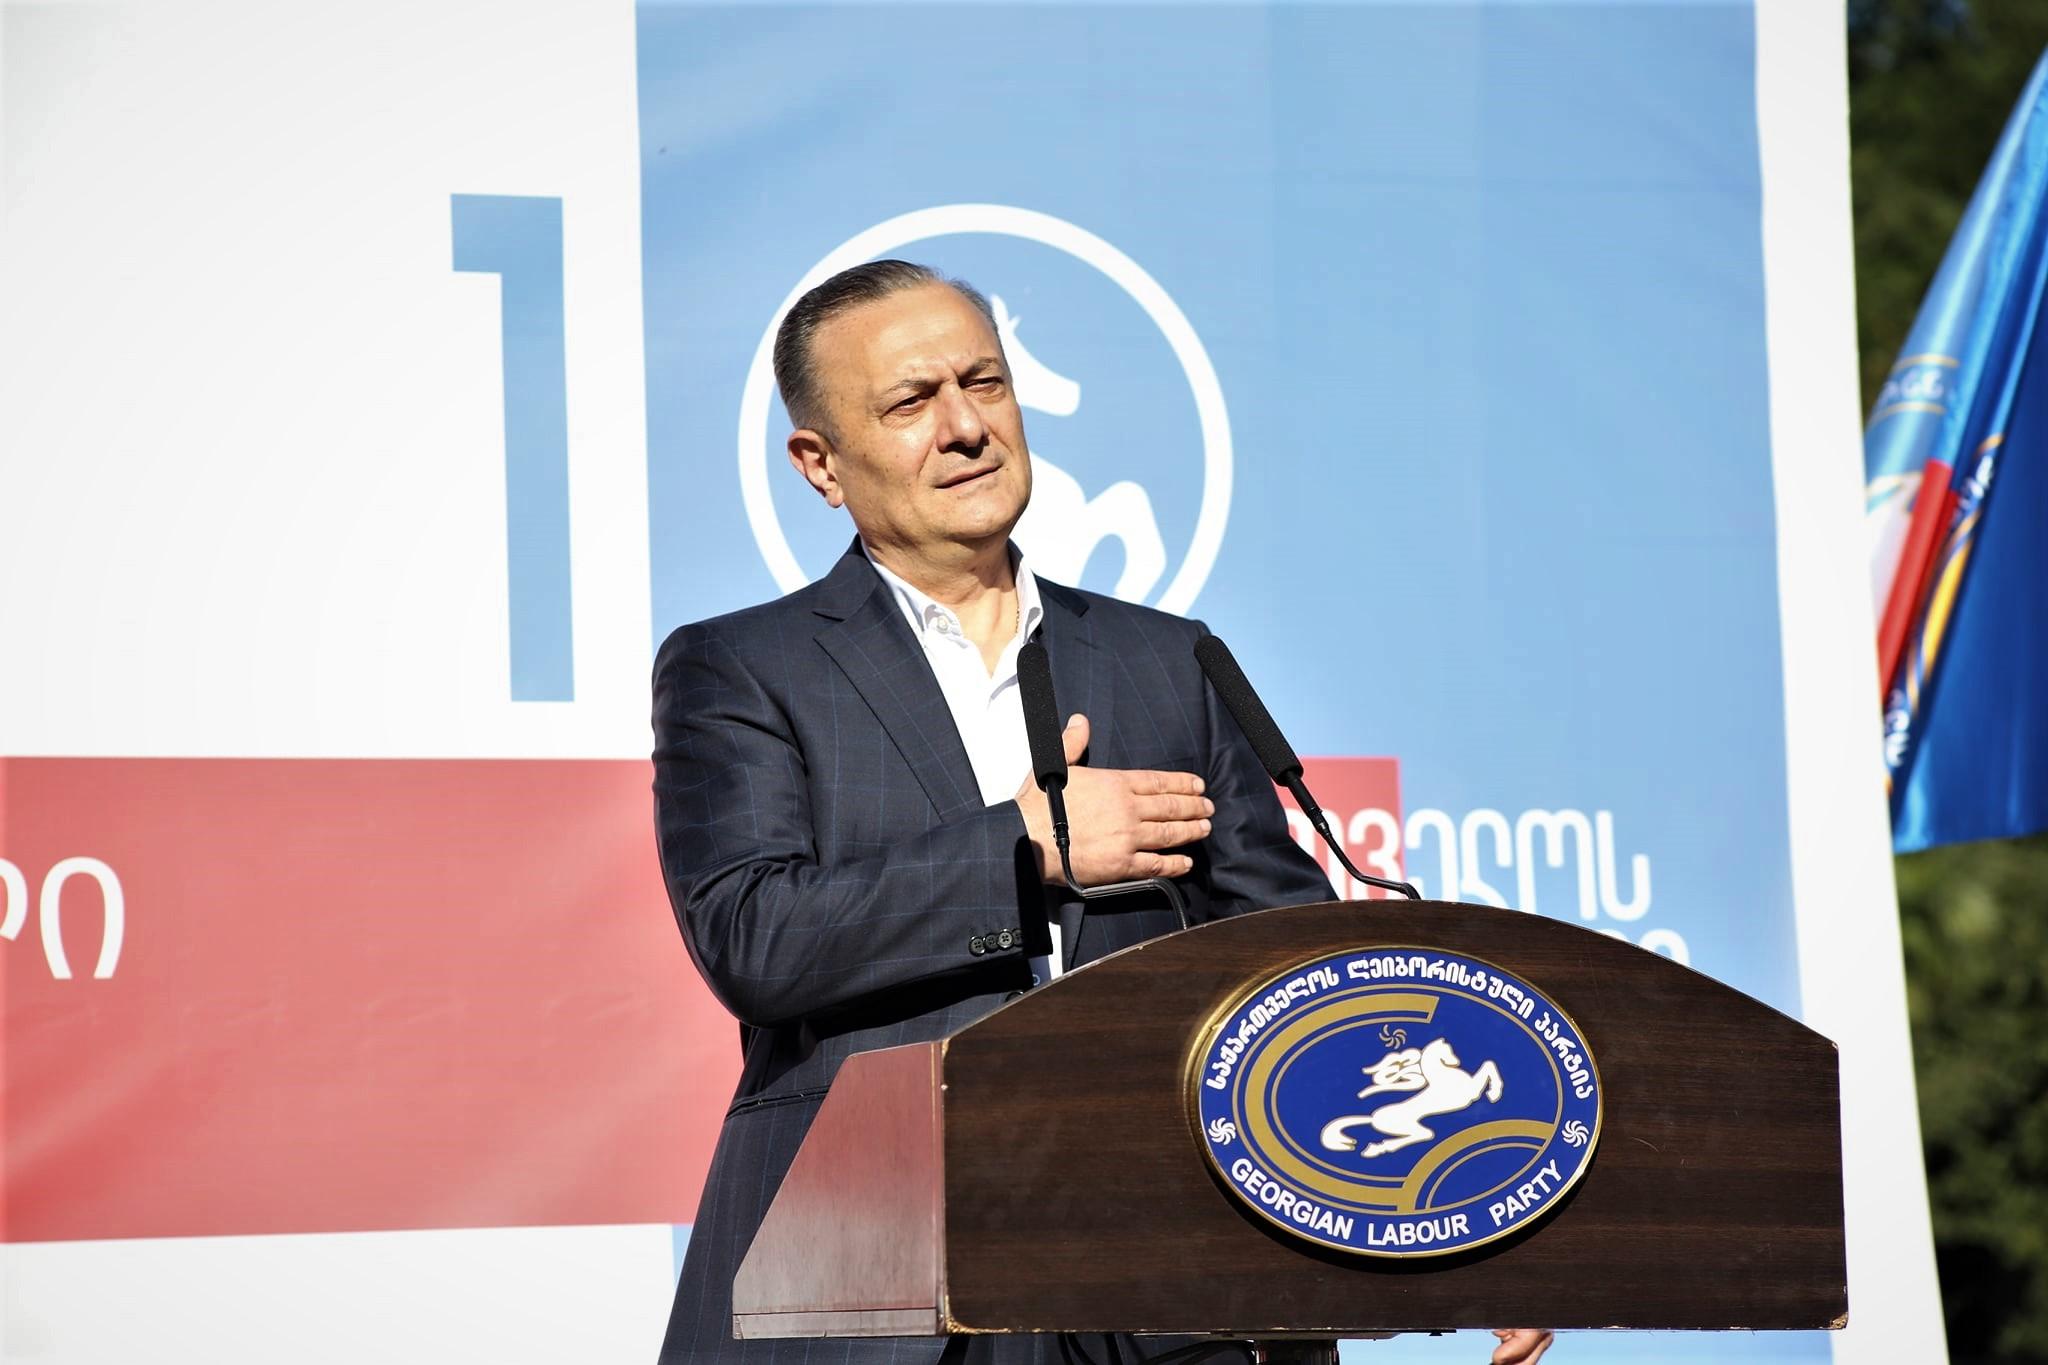 Shalva Natelashvili 32 #новости Грузия-США, Келли Дэгнан, кризис Мечты, Лейбористская партия, Шалва Нателашвили